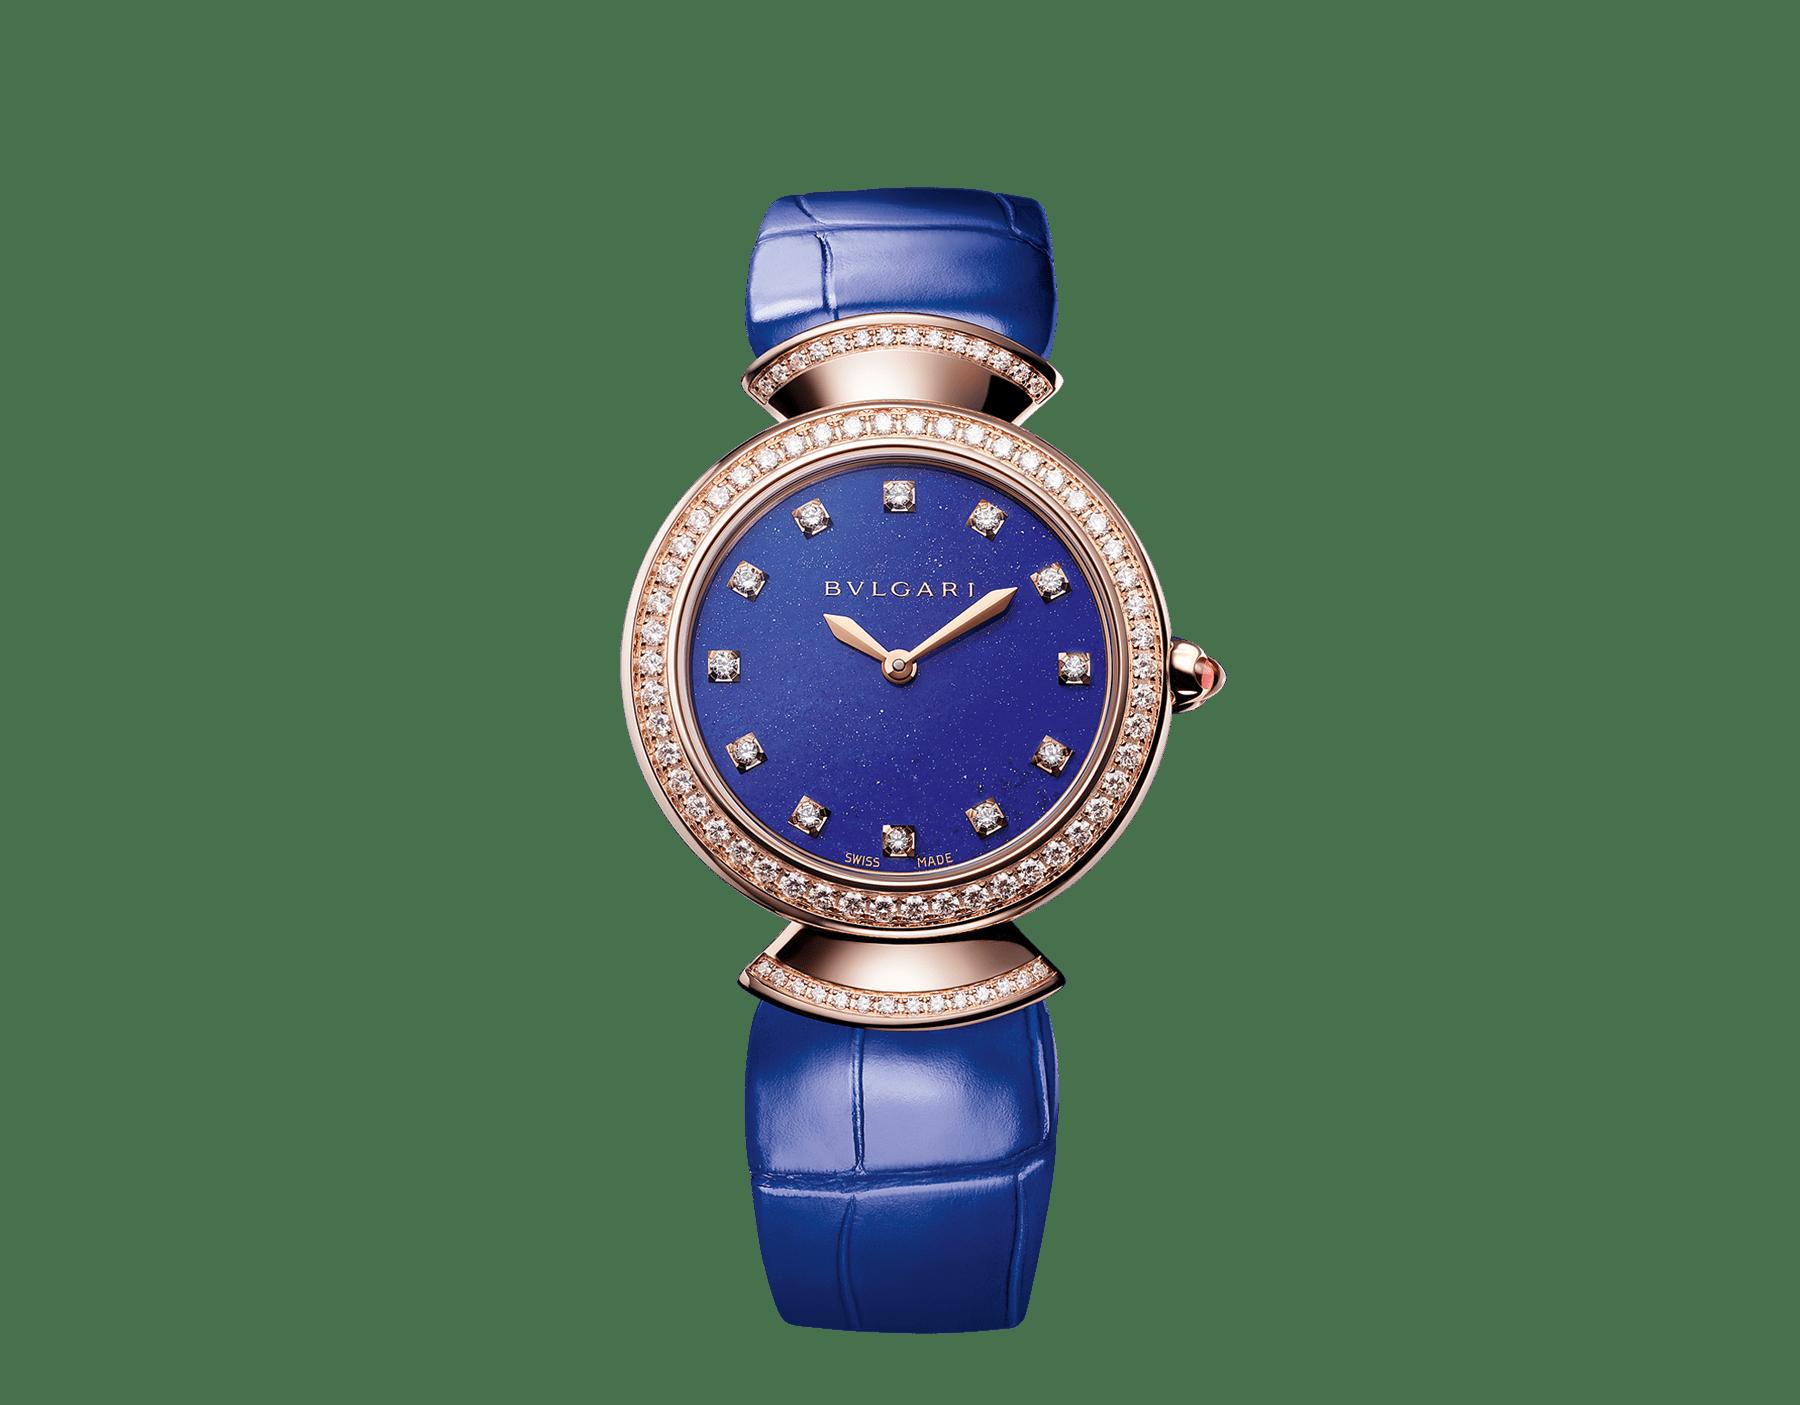 Часы DIVAS' DREAM, корпус из розового золота 18 карат, безель и крепления в форме веера из розового золота 18 карат с бриллиантами круглой огранки, циферблат из лазурита, бриллиантовые метки, ремешок из кожи аллигатора синего цвета. 103261 image 1